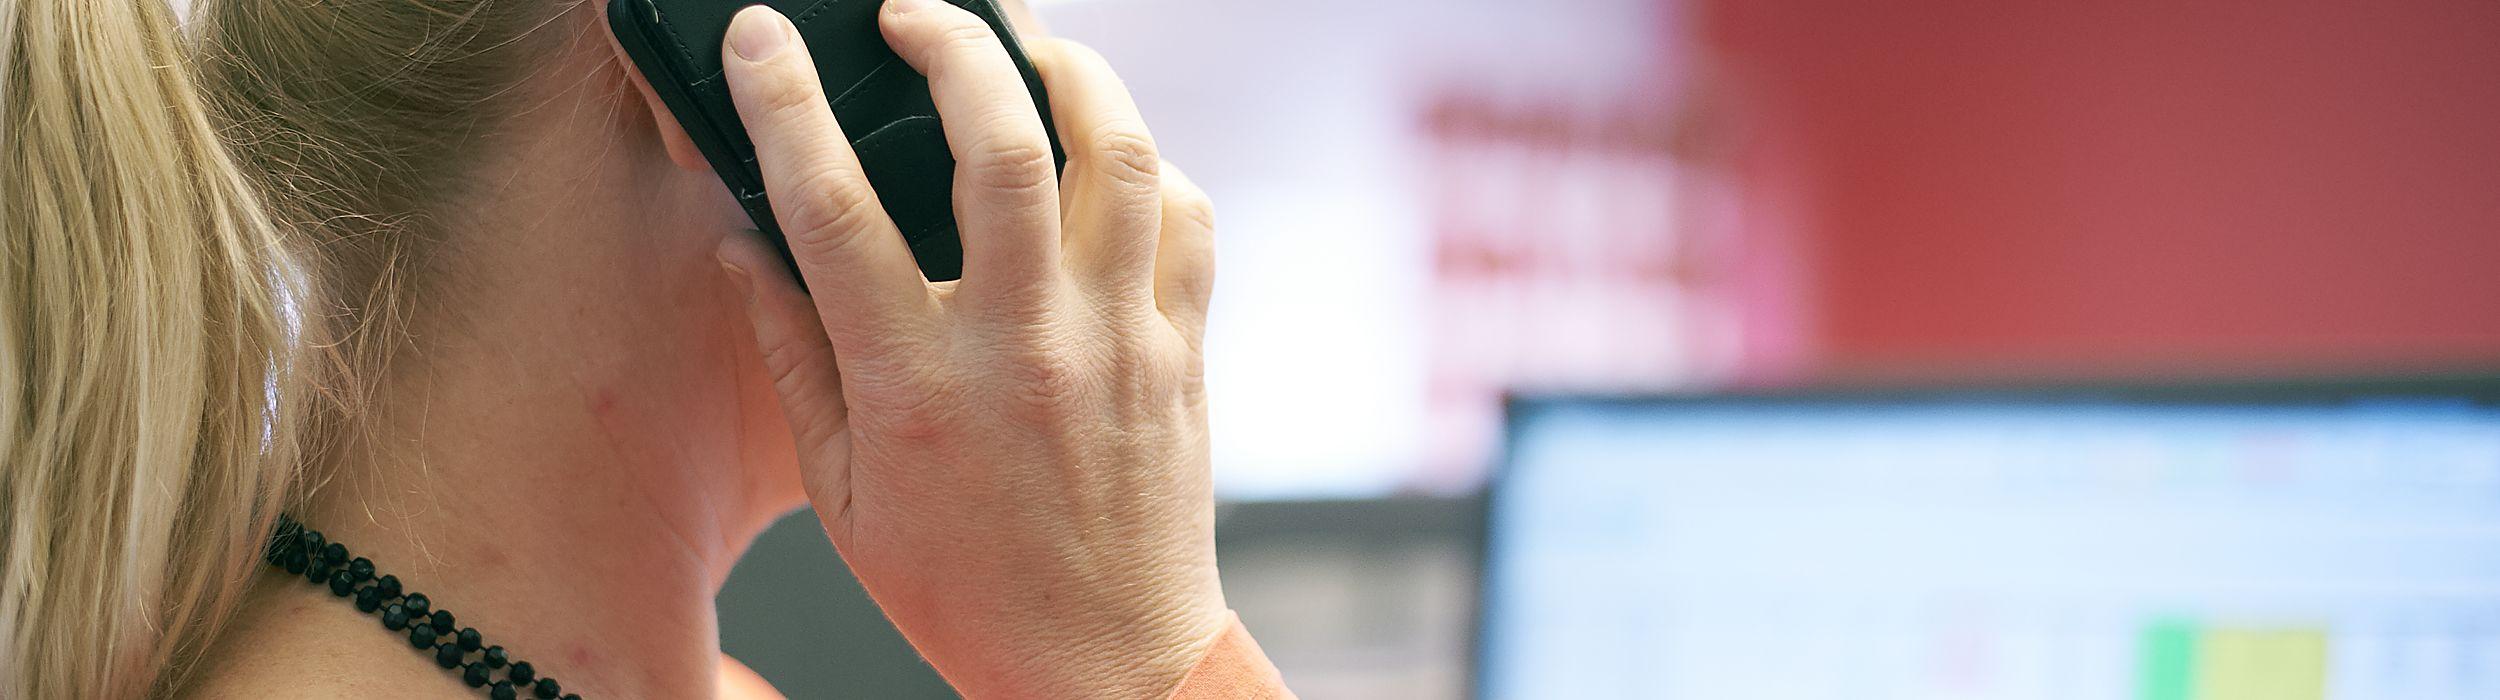 W związku z planowanymi pilnymi pracami konserwacyjnymi systemu, w dniu 16 marca numery Infolinii (801 366 900 i 22 753 20 00) nie będą dostępne. Dodatkowo obsługa poczty email (serwis@ i info@) będzie w tym dniu wstrzymana. W przypadku pilnych awarii wózków, prosimy o kontakt bezpośredni z naszymi technikami serwisu lub Regionalnymi kierownikami Serwisu.  Przepraszamy za powstałe niedogodności.